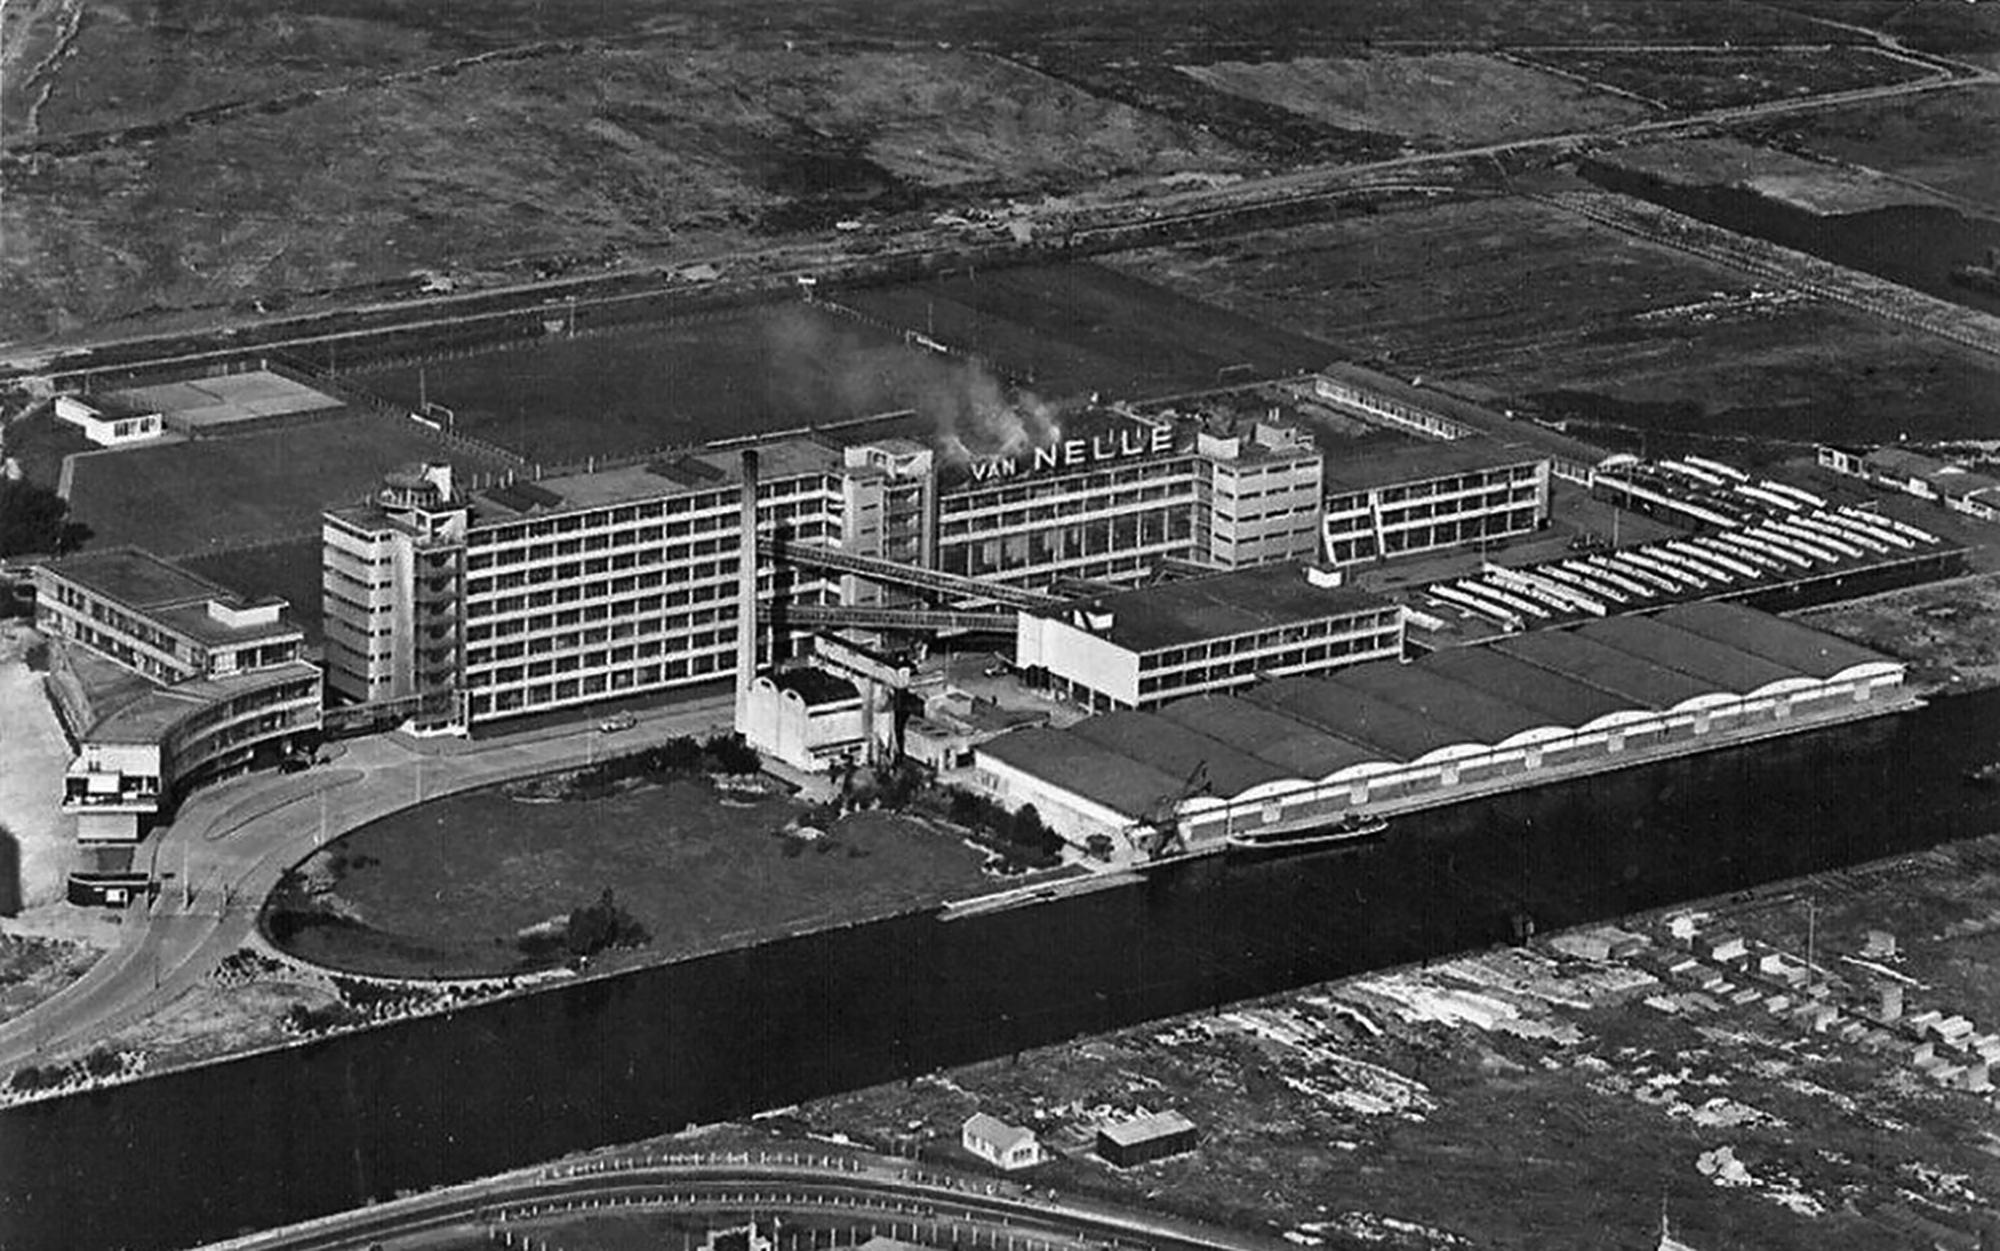 Van Nellefabriek